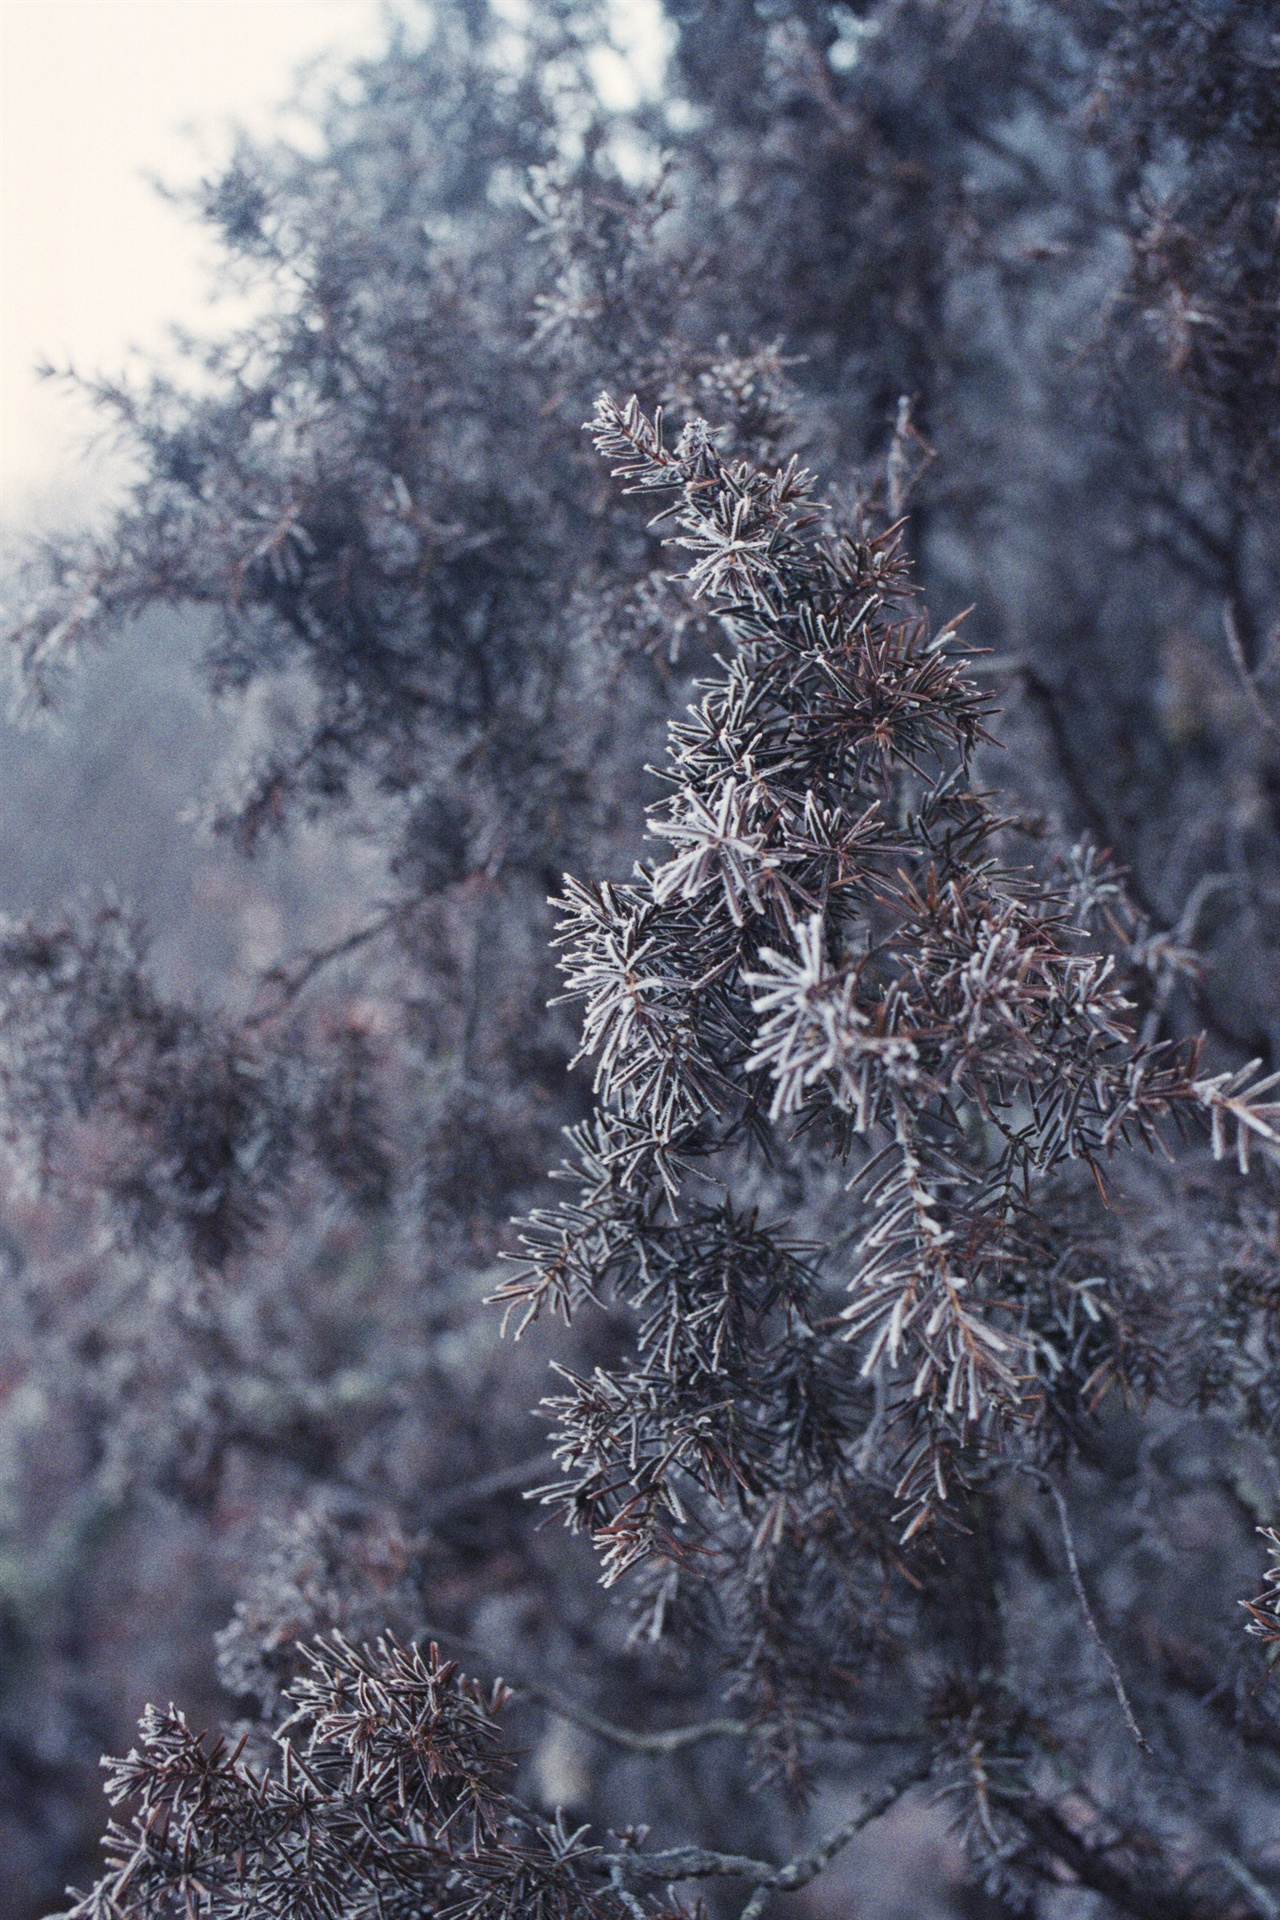 서리와 나무 전망대의 침엽수 한 그루가 드문드문 찬 공기로 옷을 해 입었다.